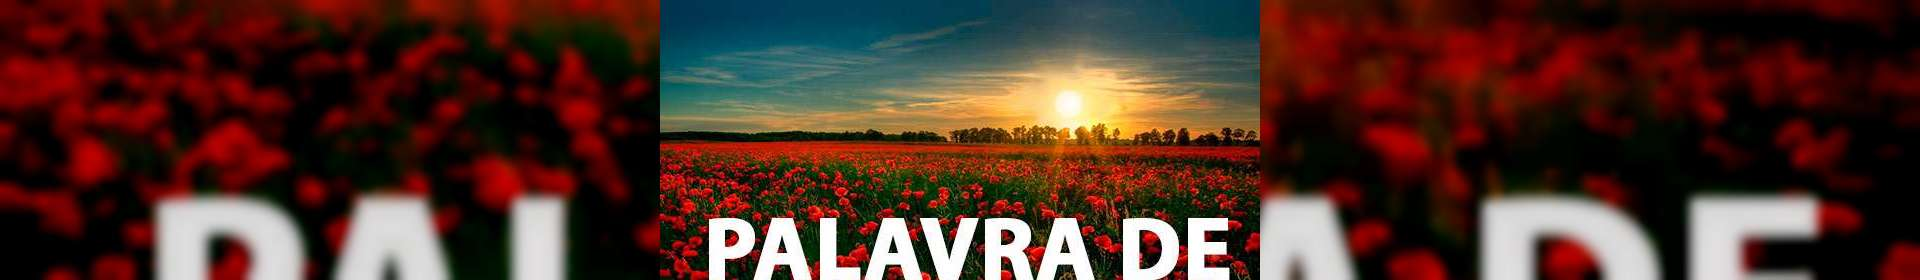 Isaías 32:1,2  - Uma Palavra de Esperança para sua vida